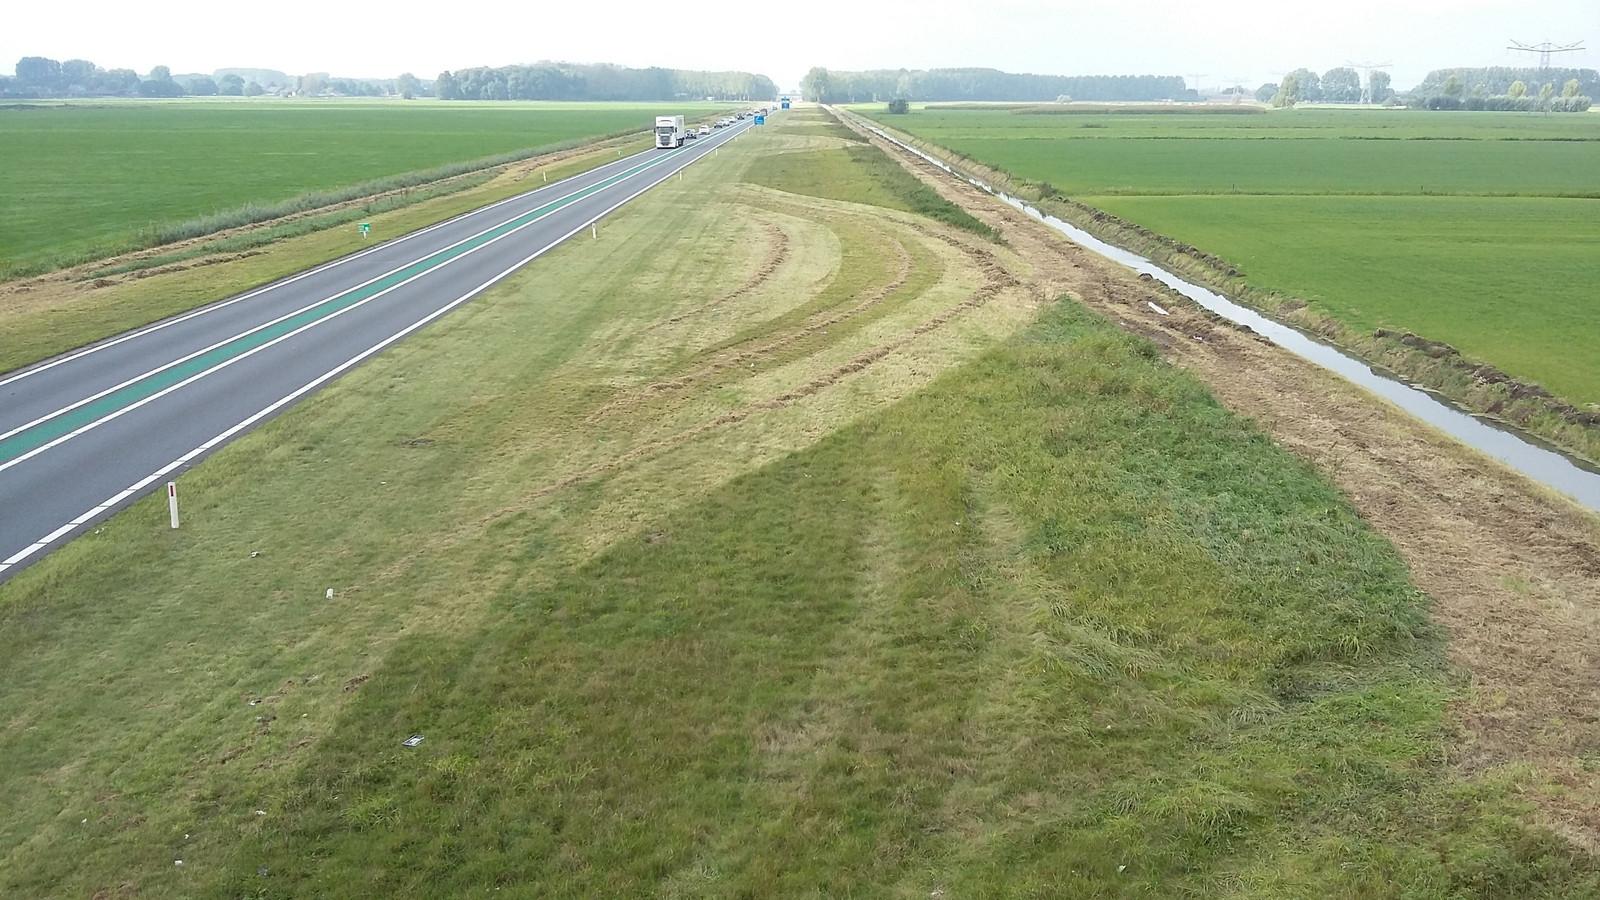 Ook Gelderland experimenteert met sinusmaaien. Net als de N267 heeft de Maas- en Waalweg (N322) bij Druten een zeer brede  berm.